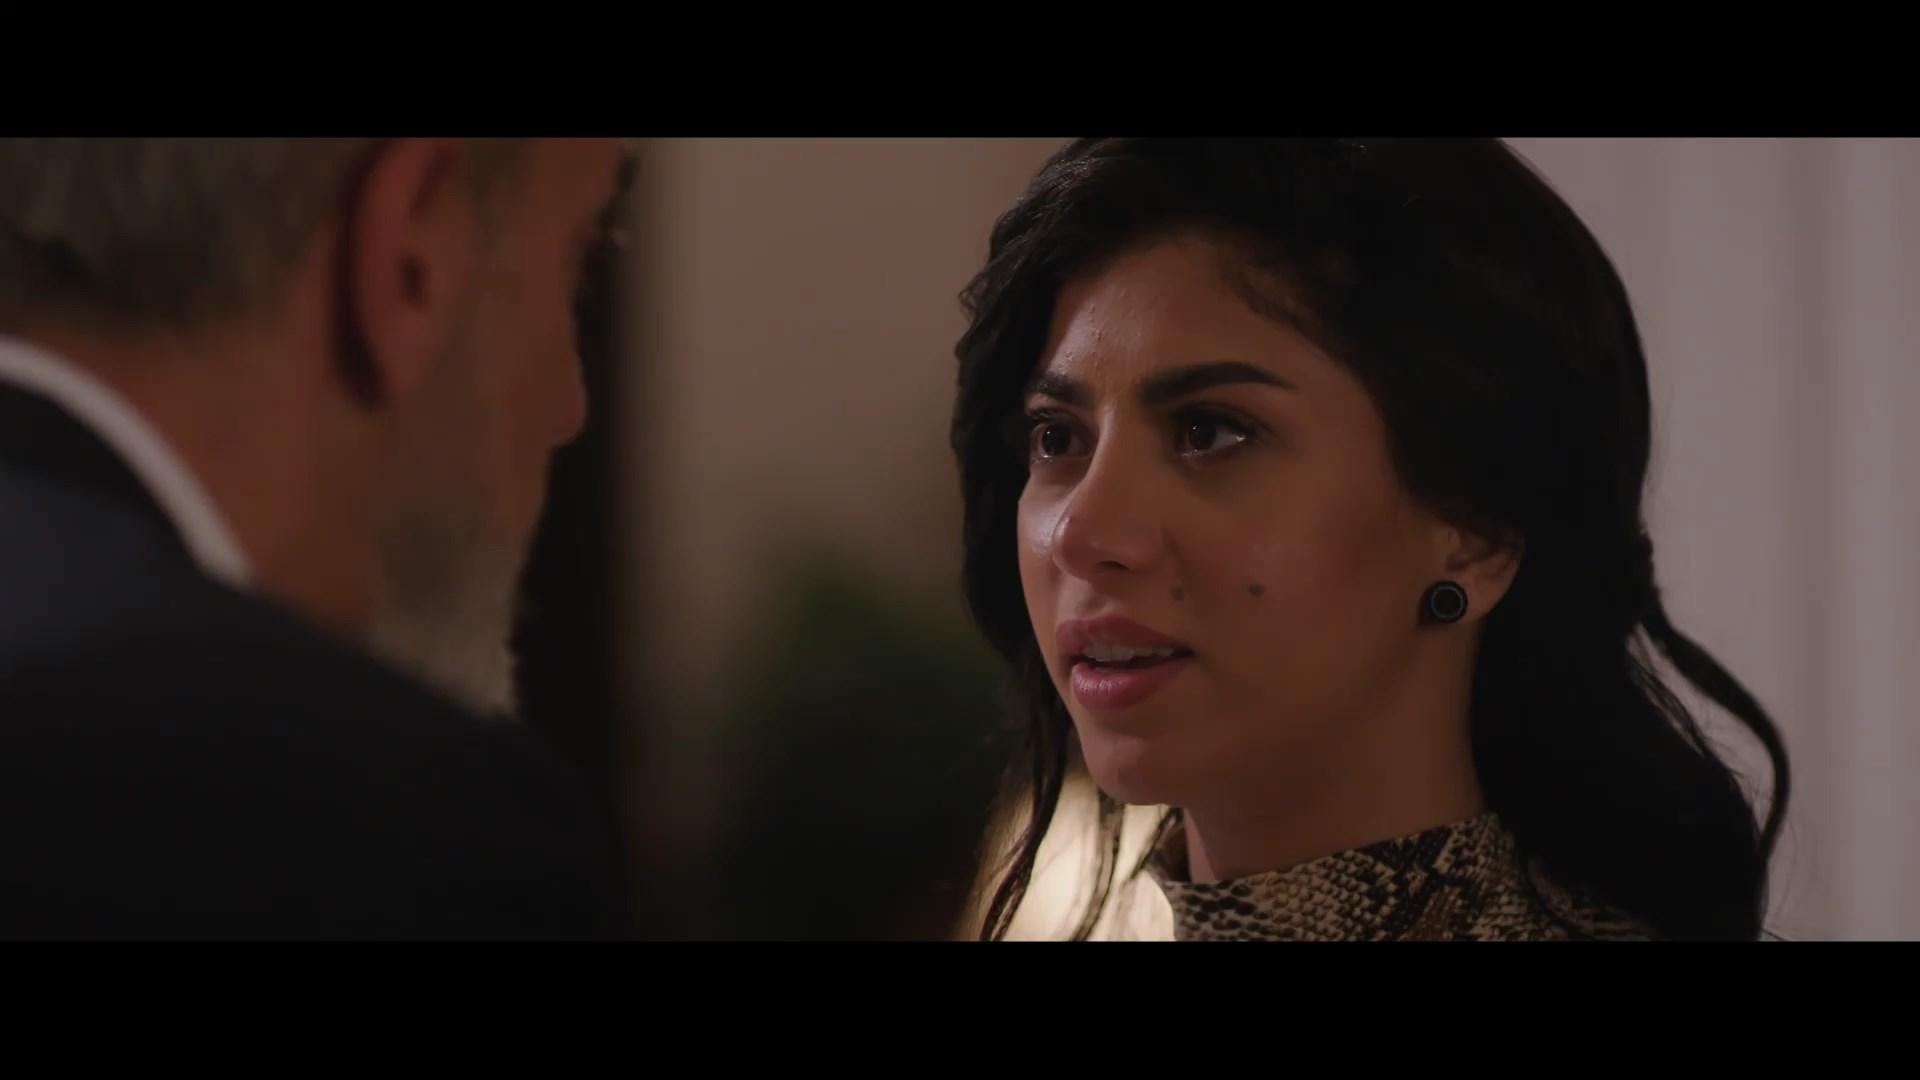 مسلسل قوت القلوب الجزء الثاني الحلقة الثالثة عشر (2020) 1080p تحميل تورنت 5 arabp2p.com